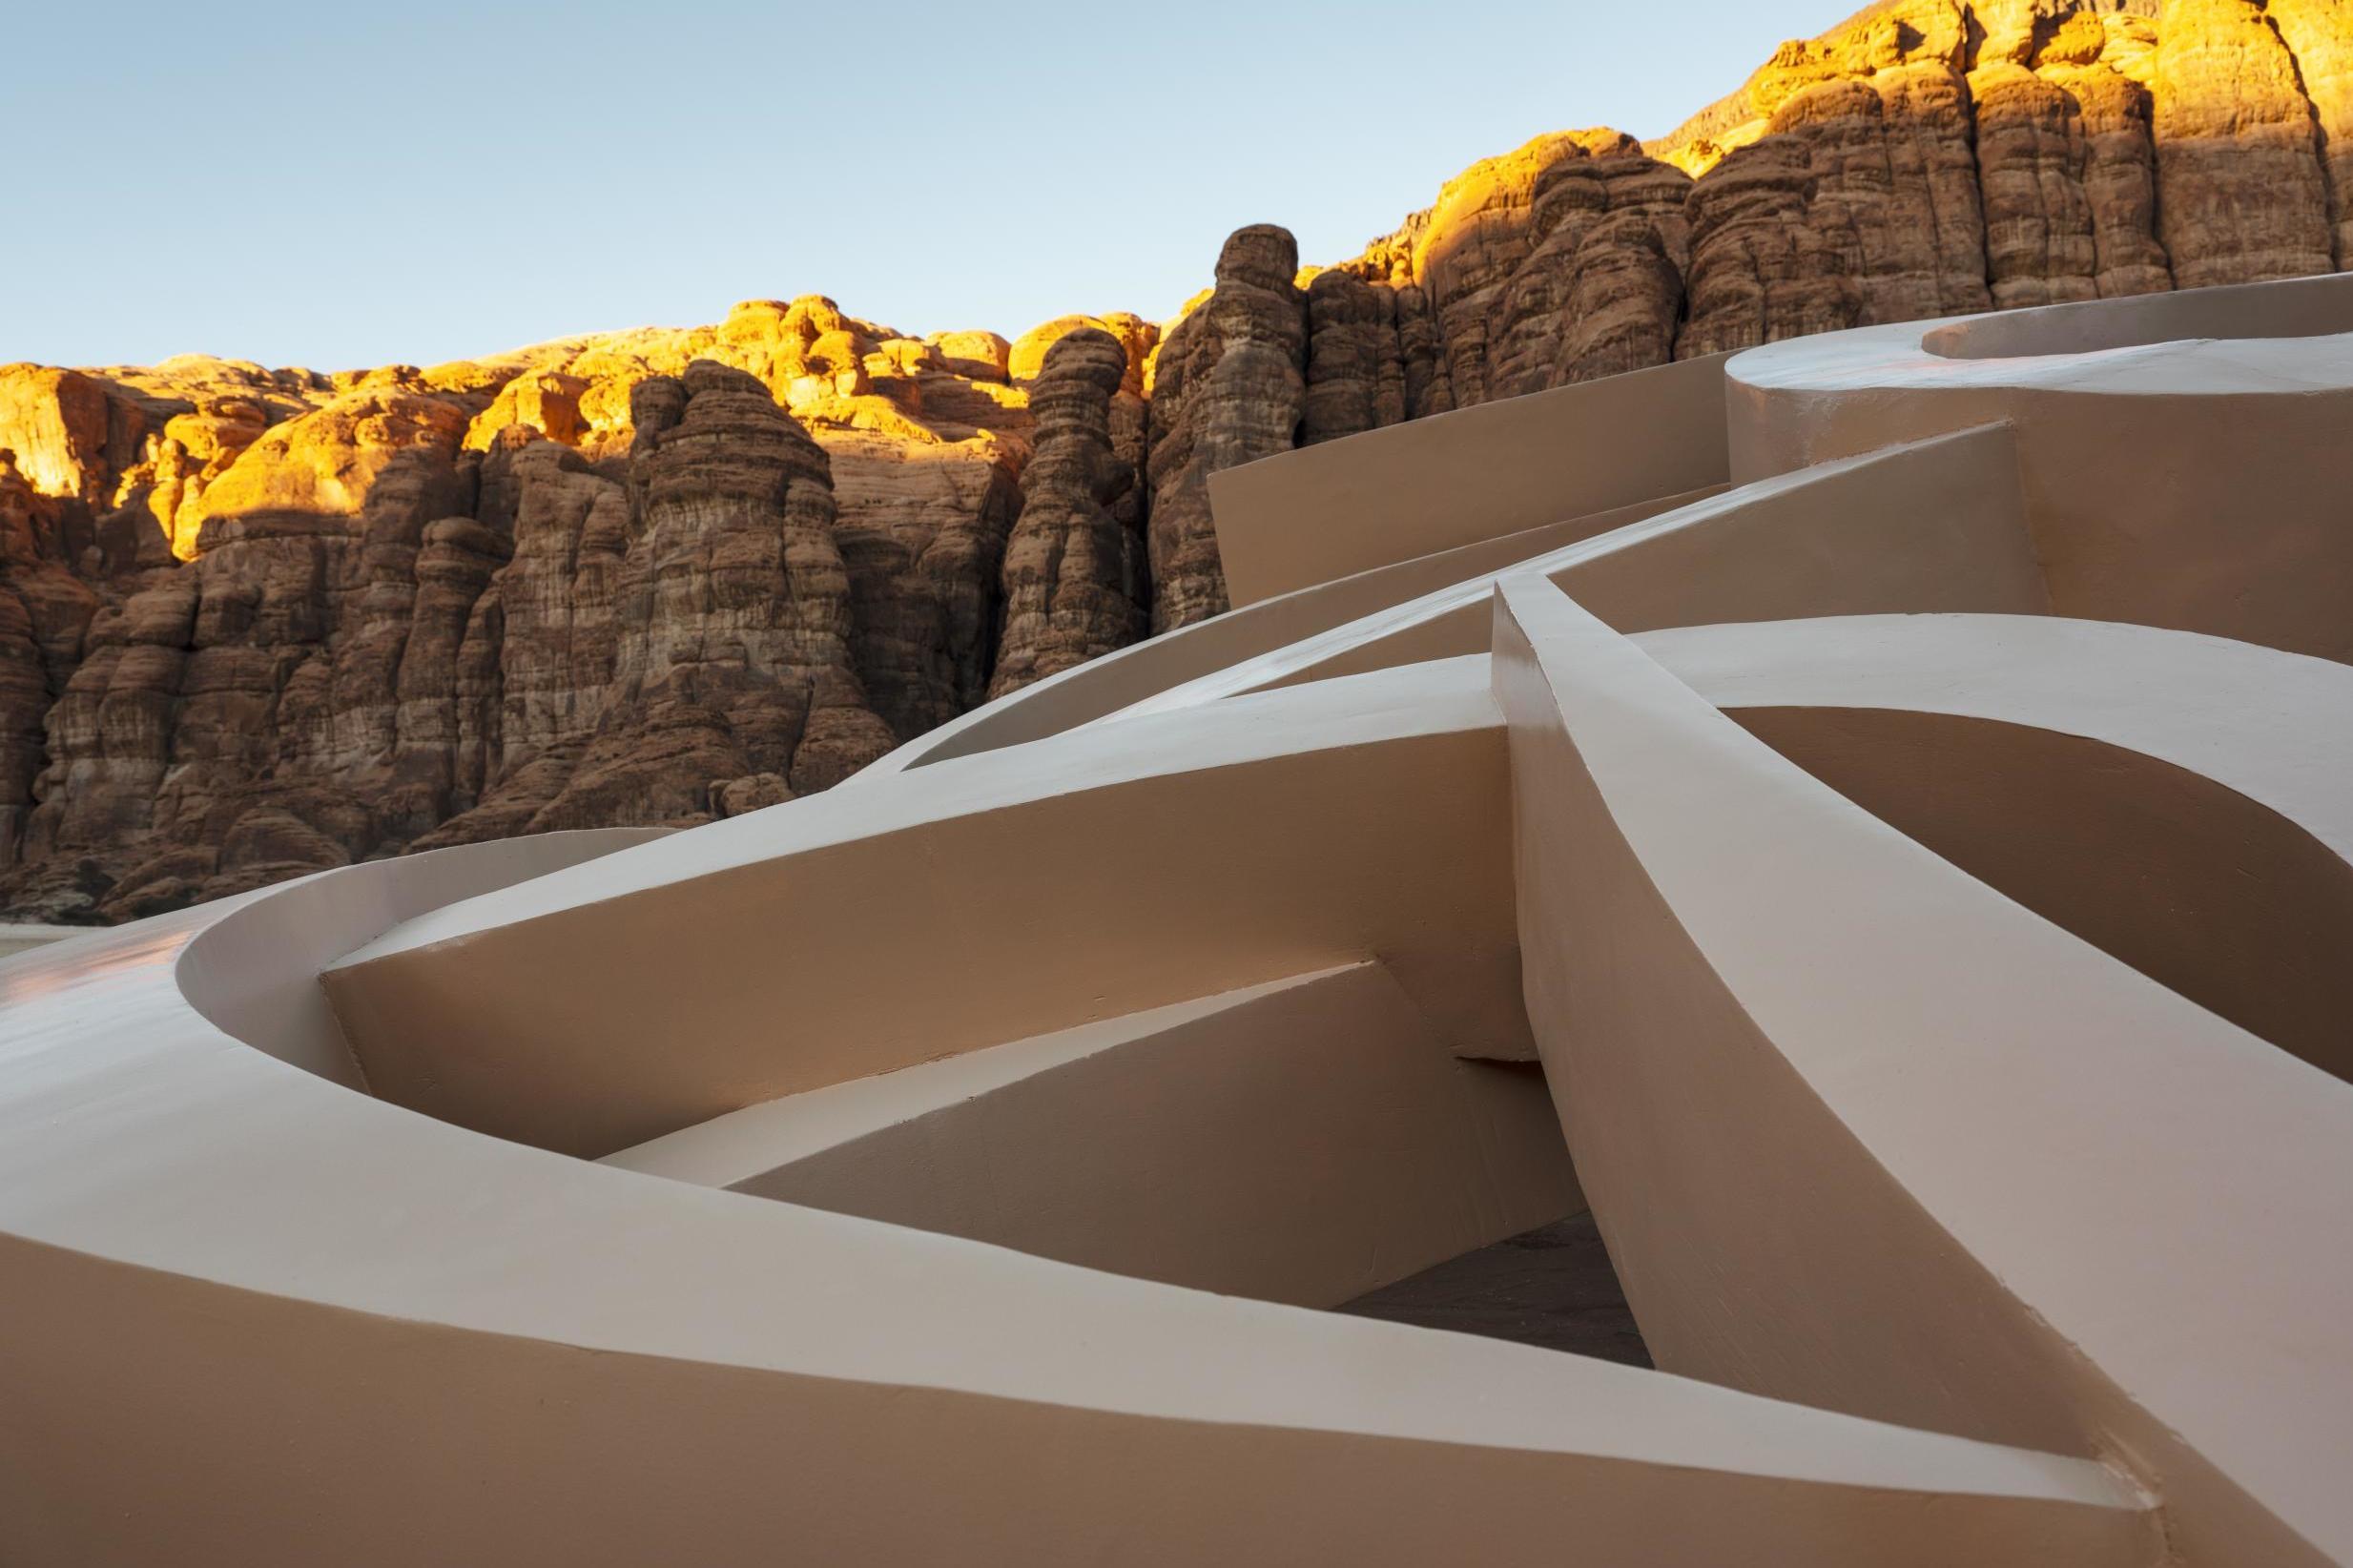 Shifting sands: An art exhibition, a desert landscape, and an insigh…